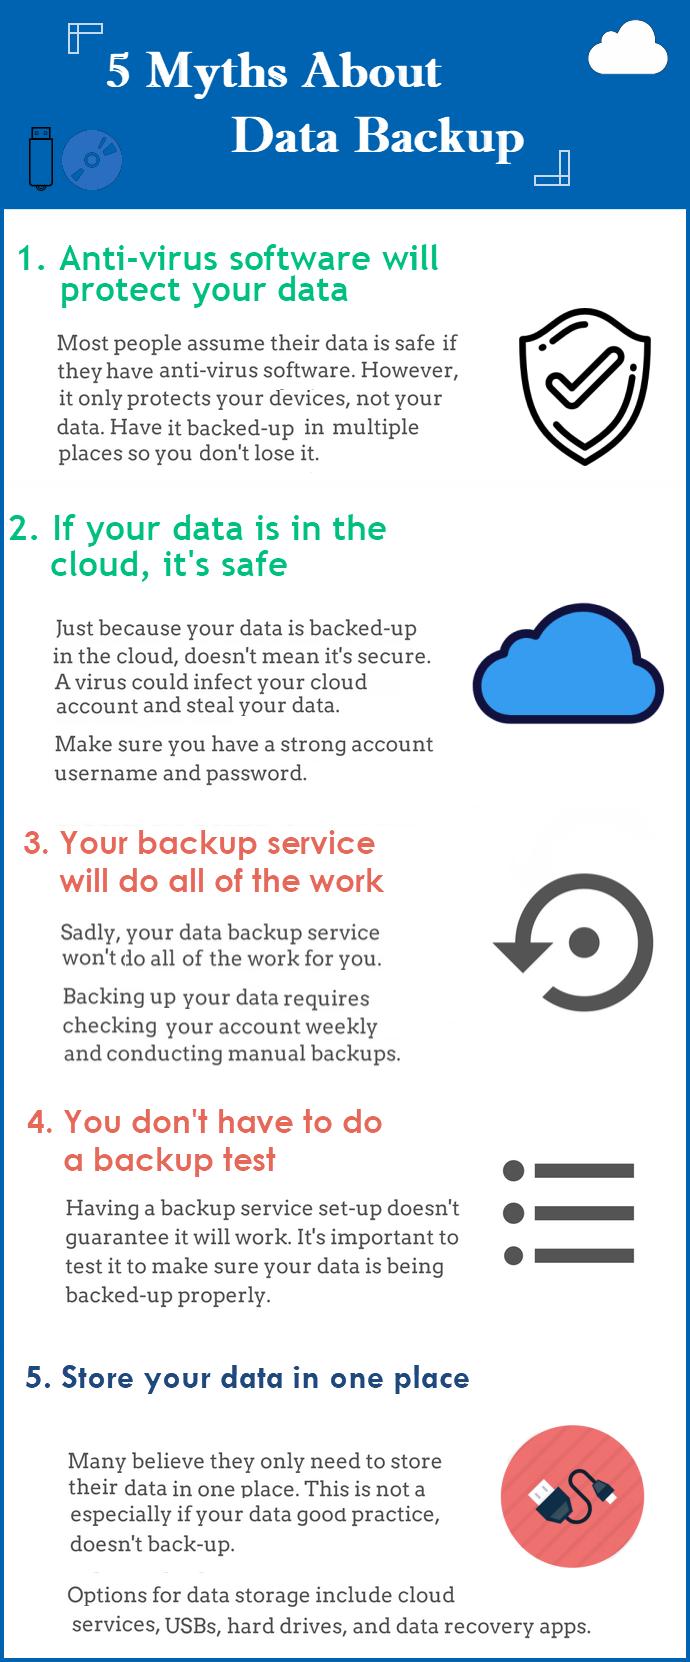 Data Backup Knowledge